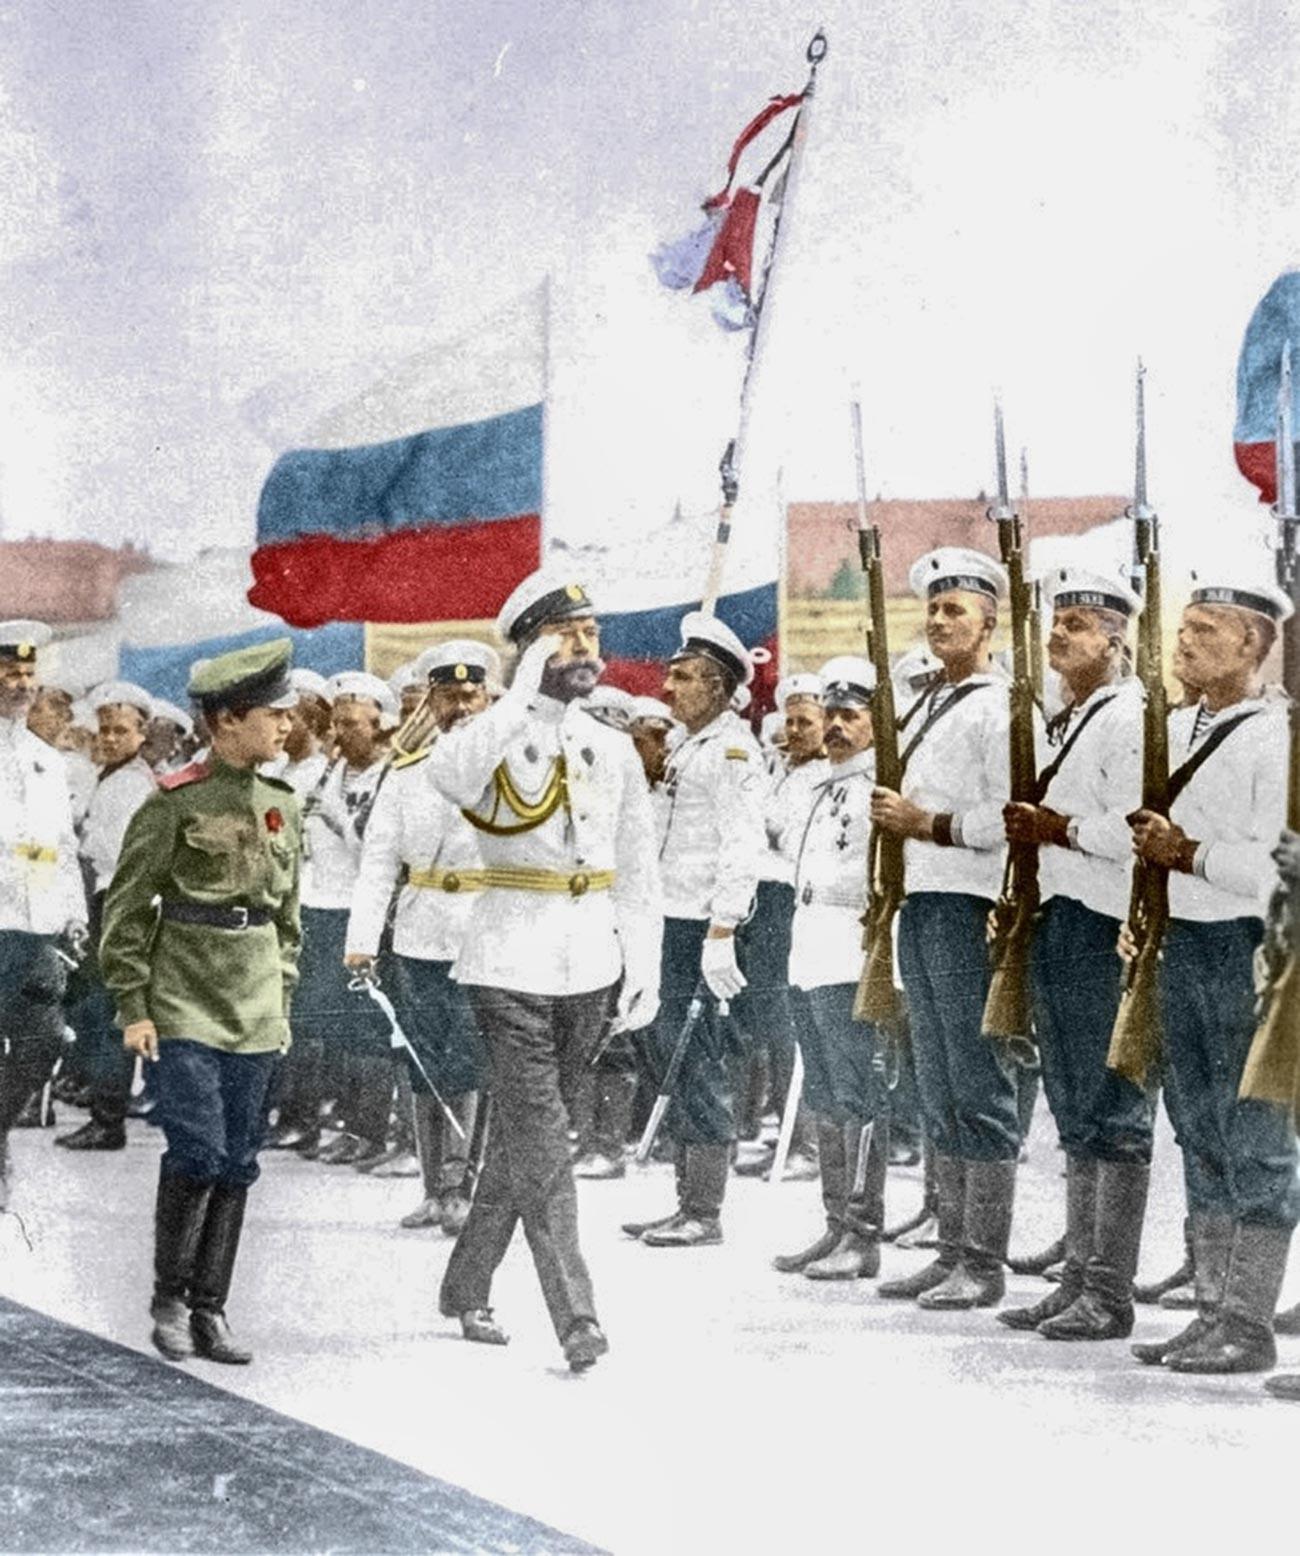 Le 12 mai (29 avril selon le calendrier julien) 1896, Nicolas II a officiellement établi le drapeau blanc-bleu-rouge.